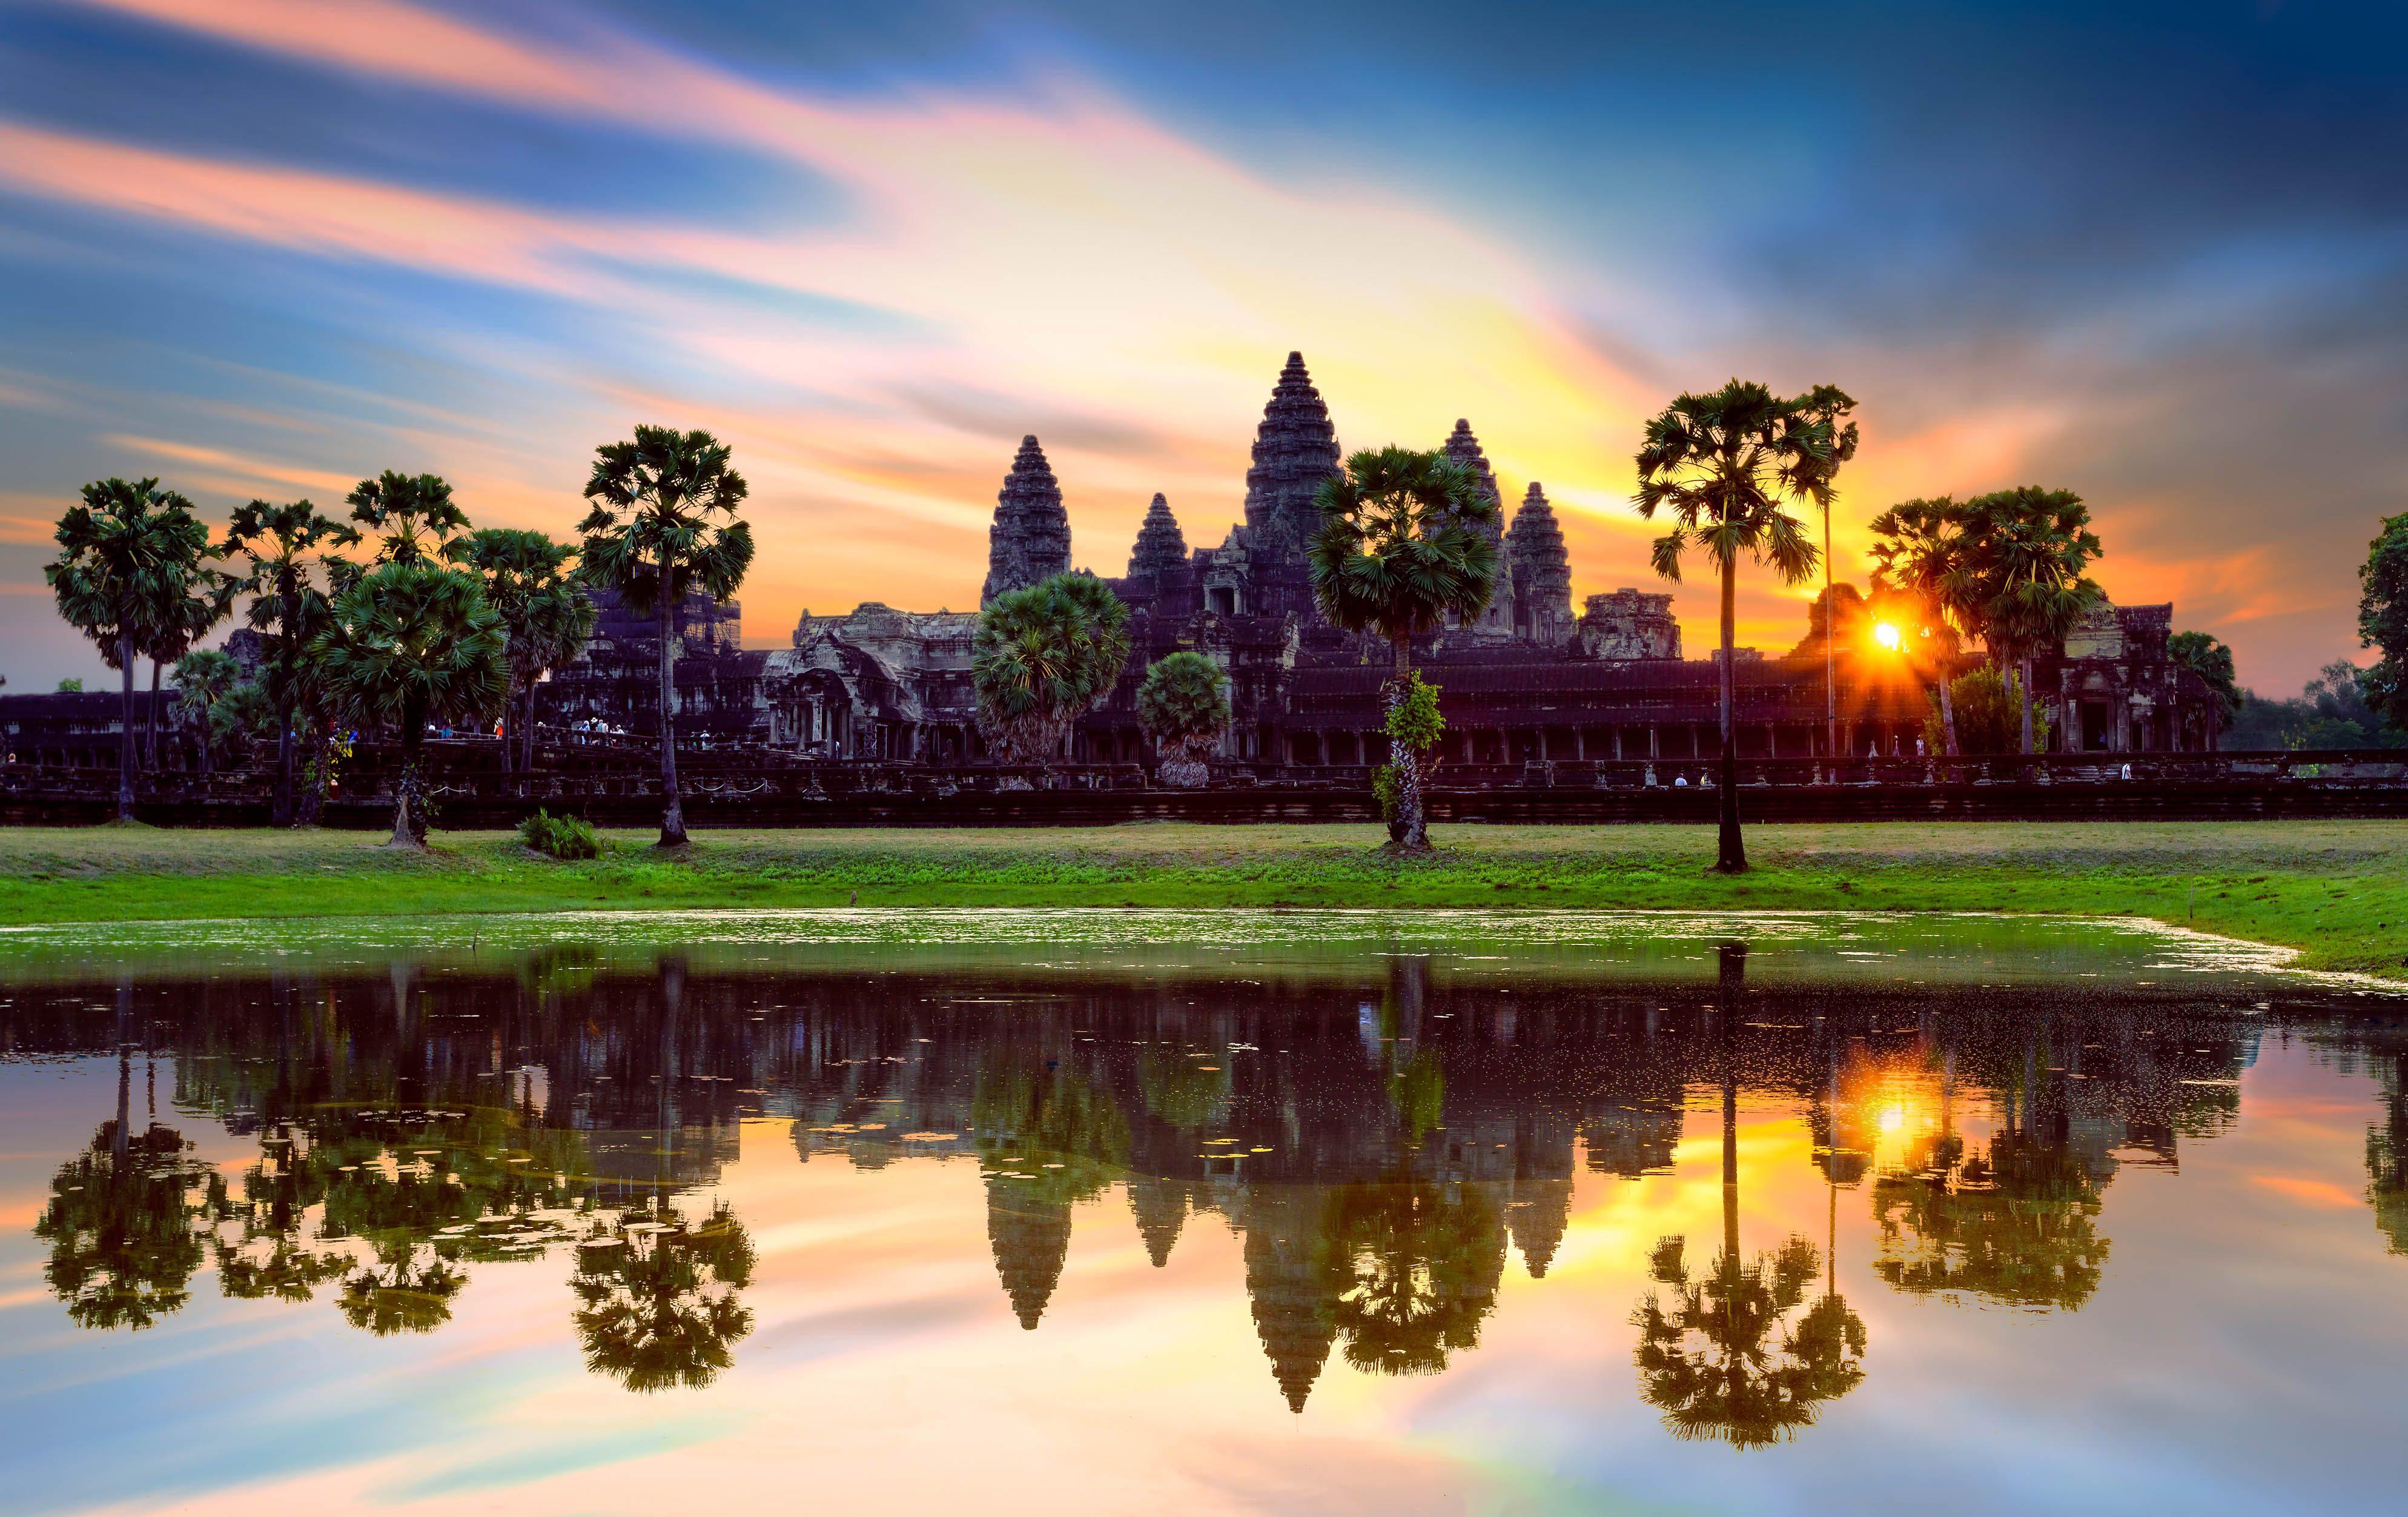 Der Tempel Angkor Wat in Kambodscha spiegelt sich bei Sonnenaufgang im Wasser wider.